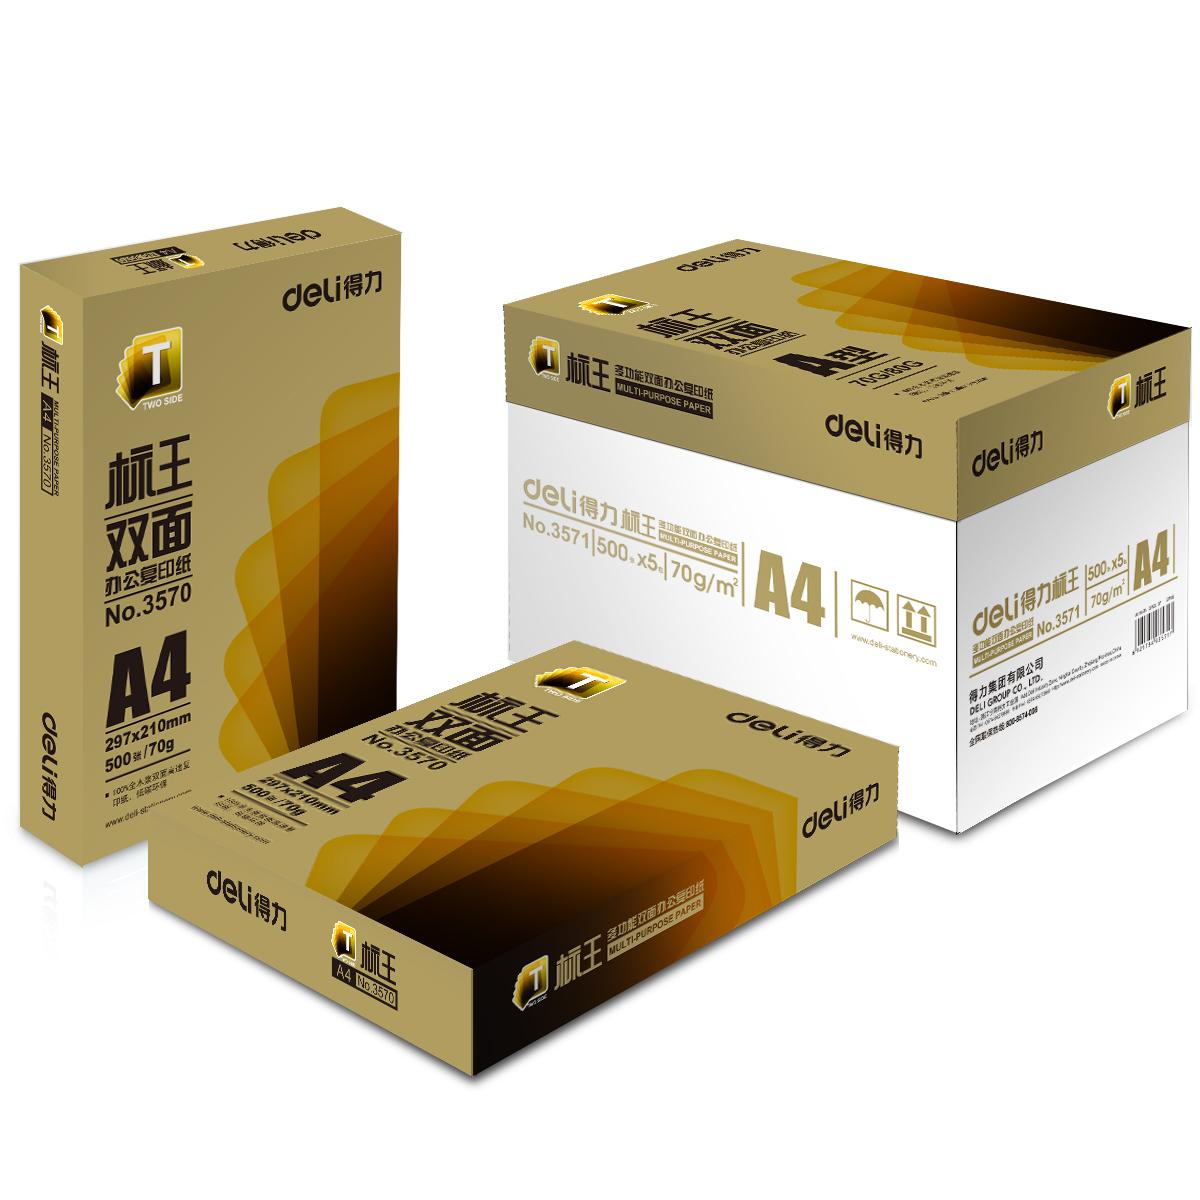 包郵得力A4紙打印複印紙70g單包500張純木漿a4打印白紙整箱